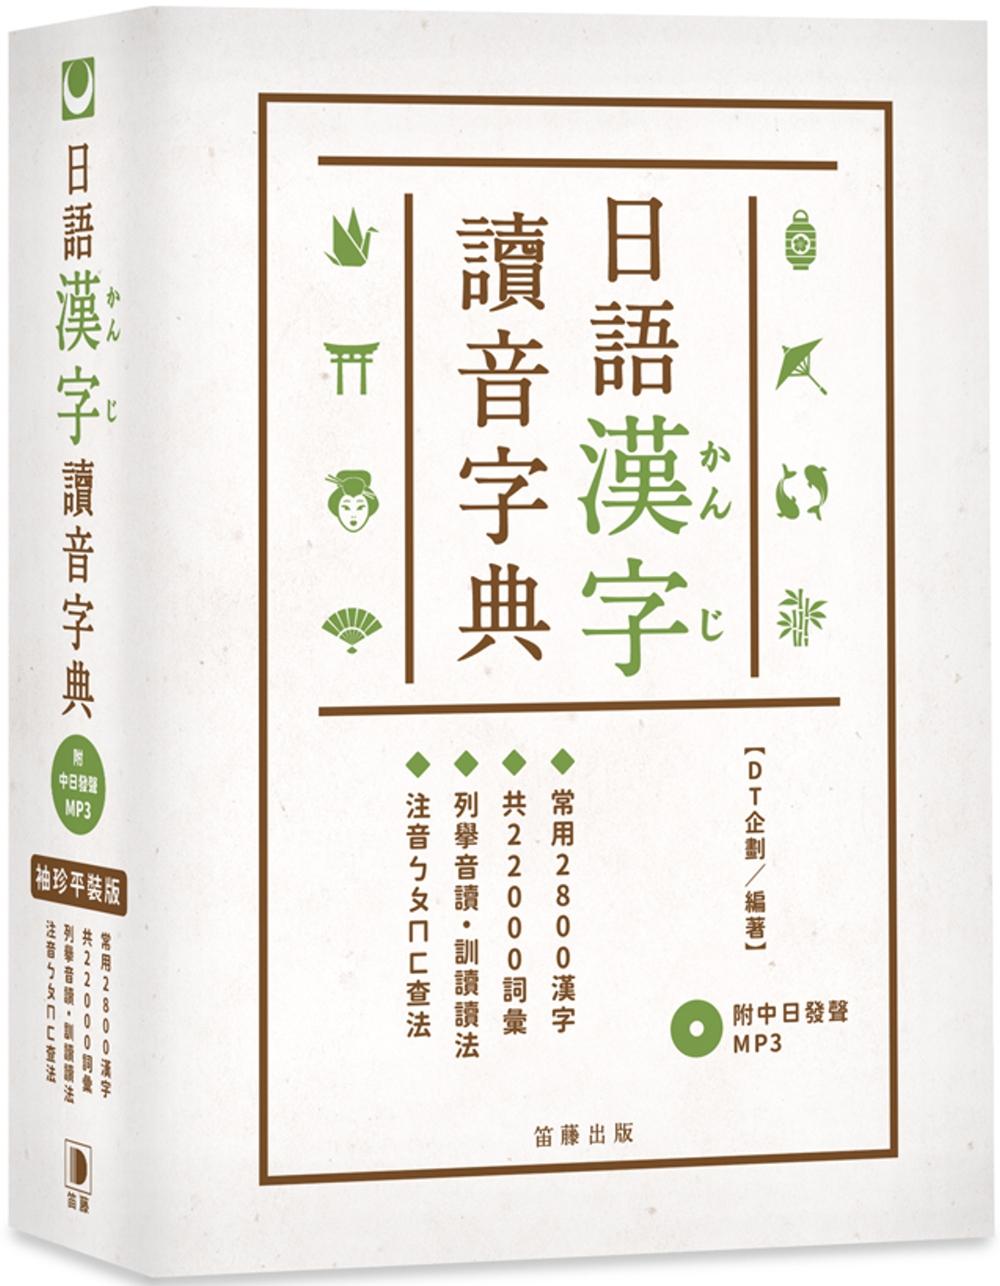 袖珍平裝版 日語漢字讀音字典(附中日發聲MP3):常用2800漢字.共22000詞彙.列舉音讀、訓讀讀法.注音ㄅㄆㄇㄈ查法